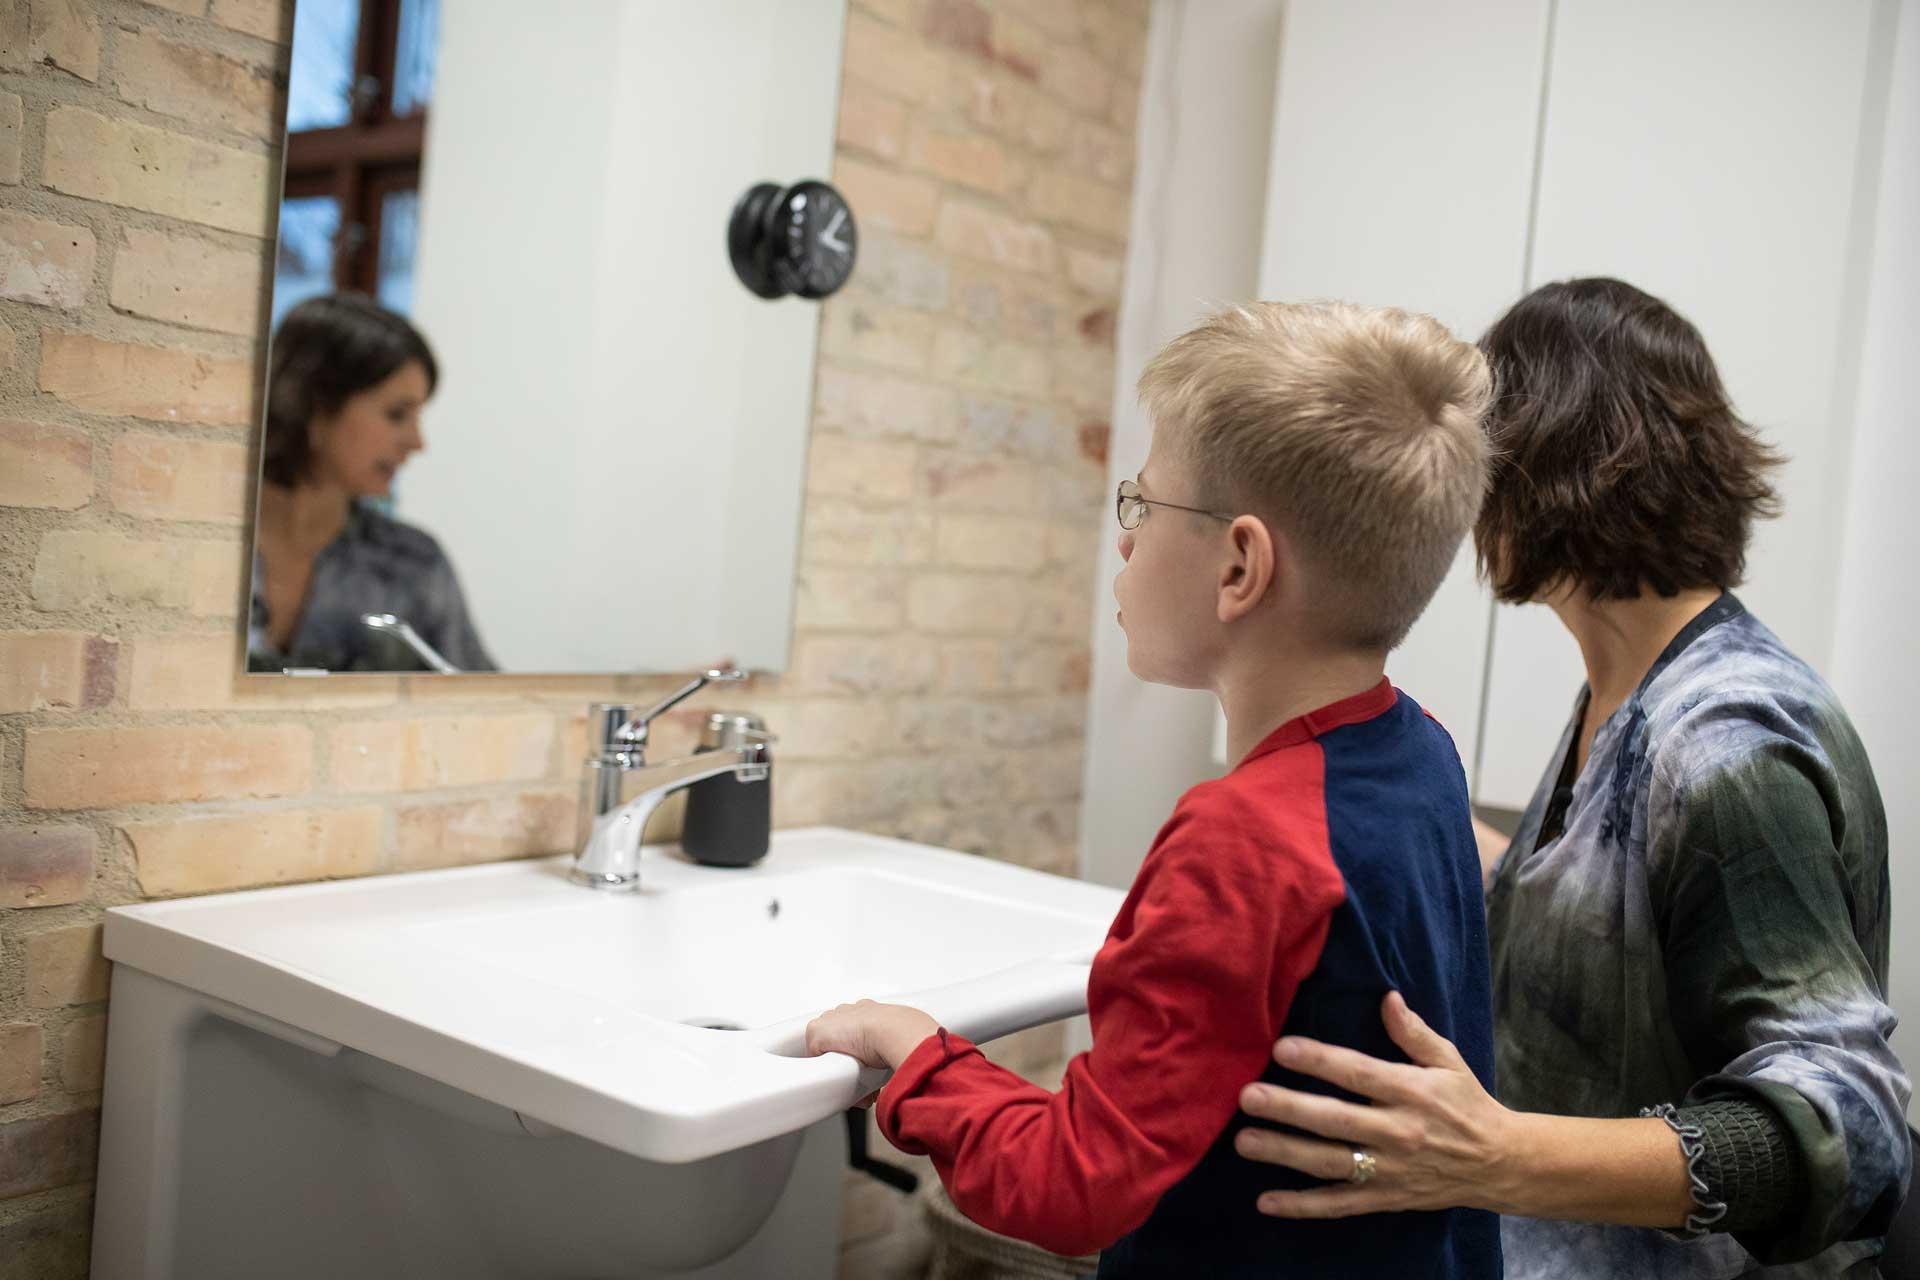 height adjustable bathroom aids